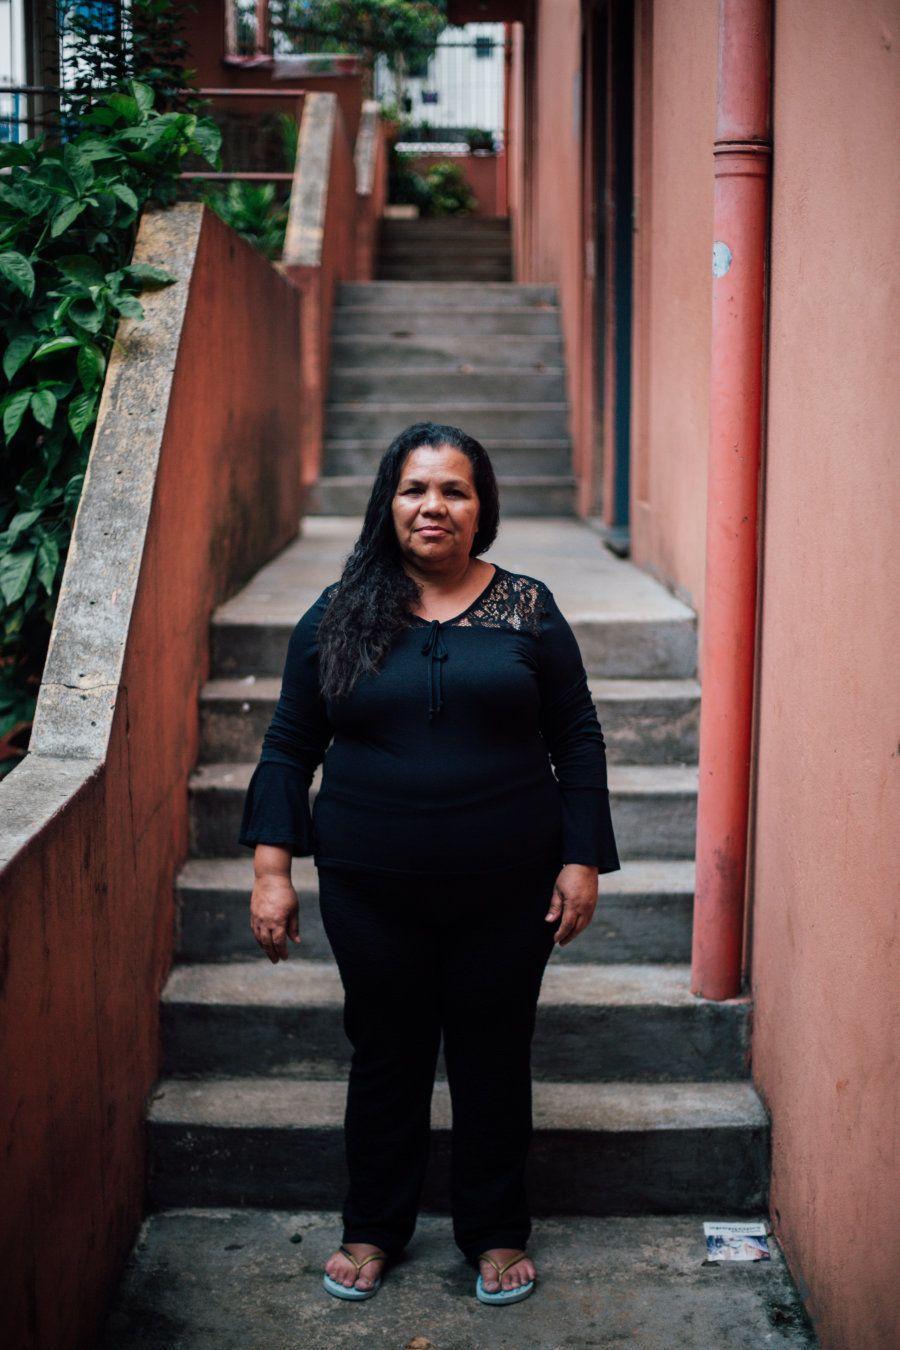 Determinada, aos 20 anos deixou Pernambuco para se firmar e construir uma vida diferente daquela que...